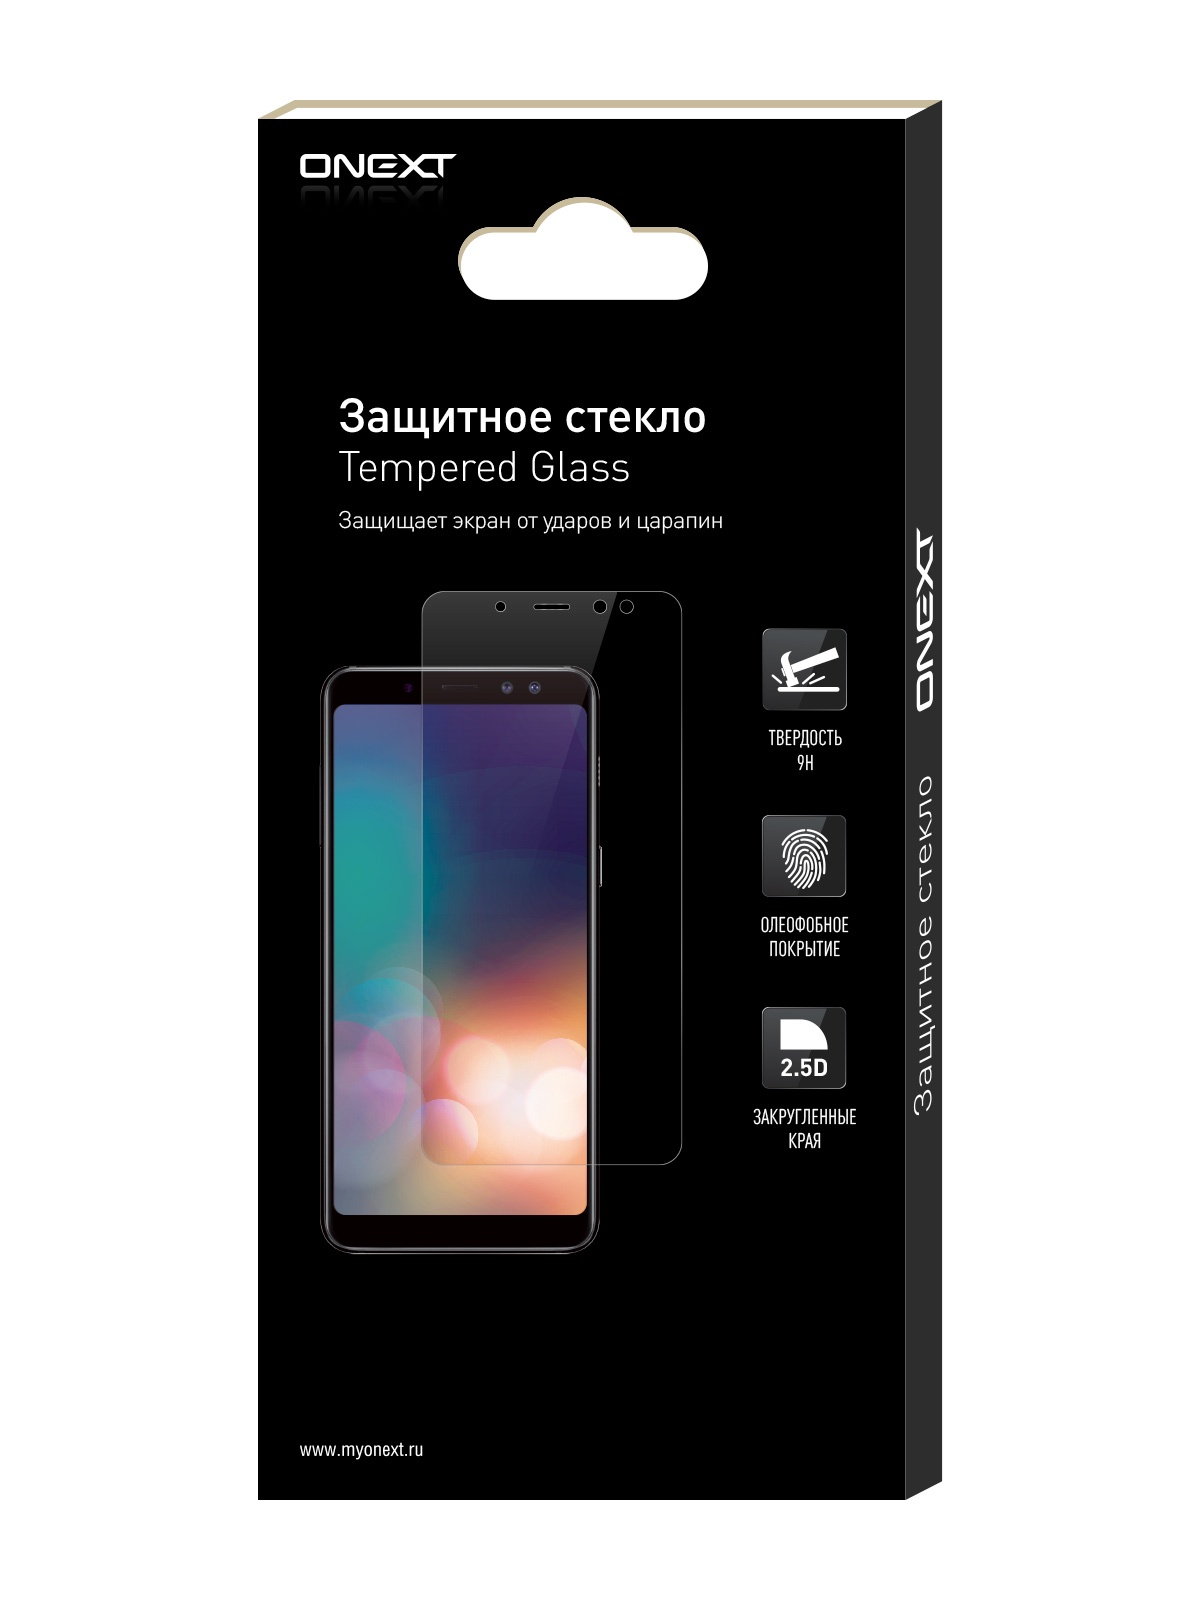 Защитное стекло ONEXT Sony Xperia Z5 стоимость